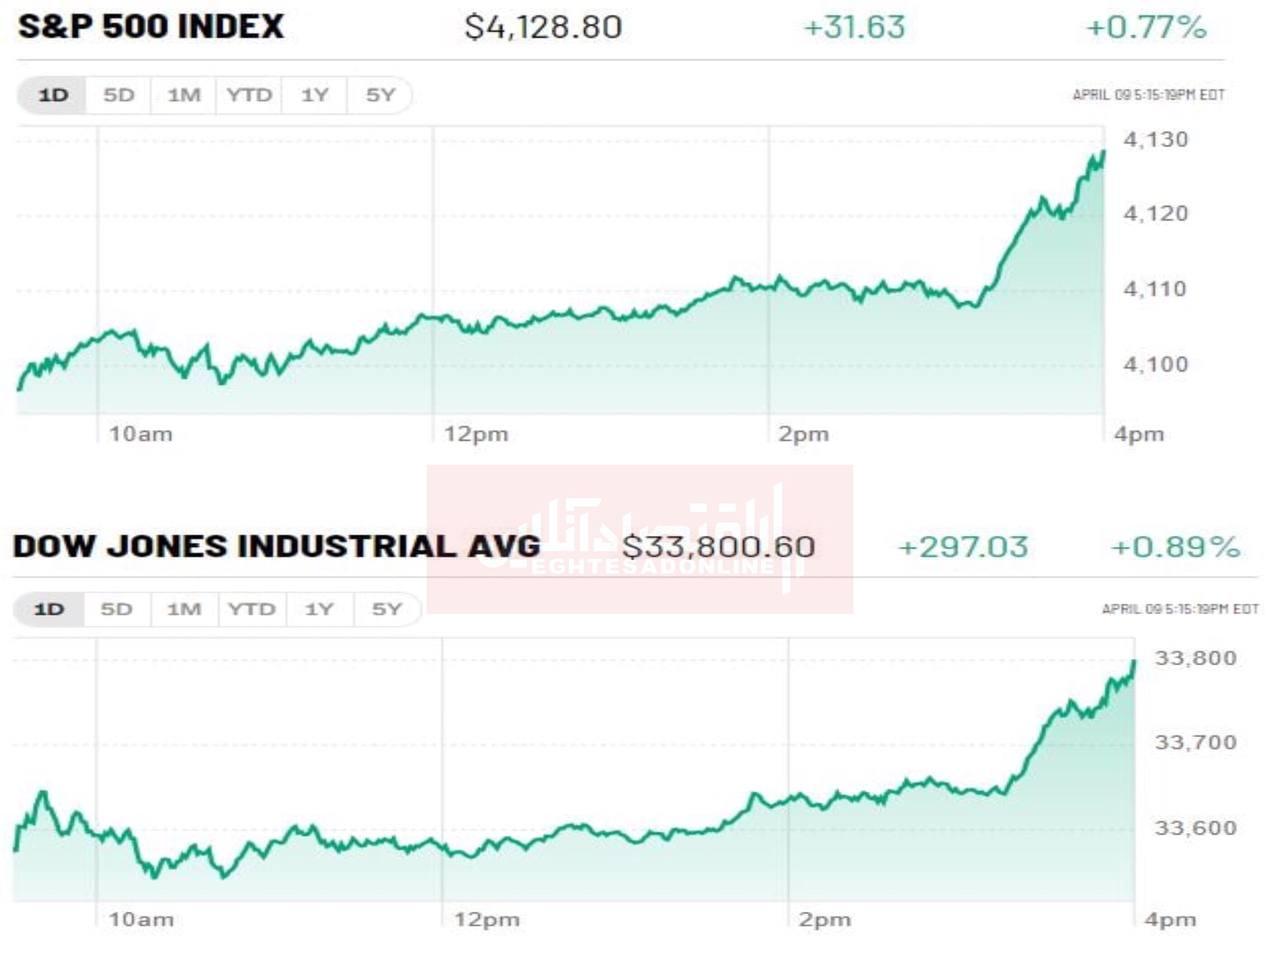 ثبت صعود چشمگیر سهام شرکتهای فناوری آمریکاثبت صعود چشمگیر سهام شرکتهای فناوری آمریکا